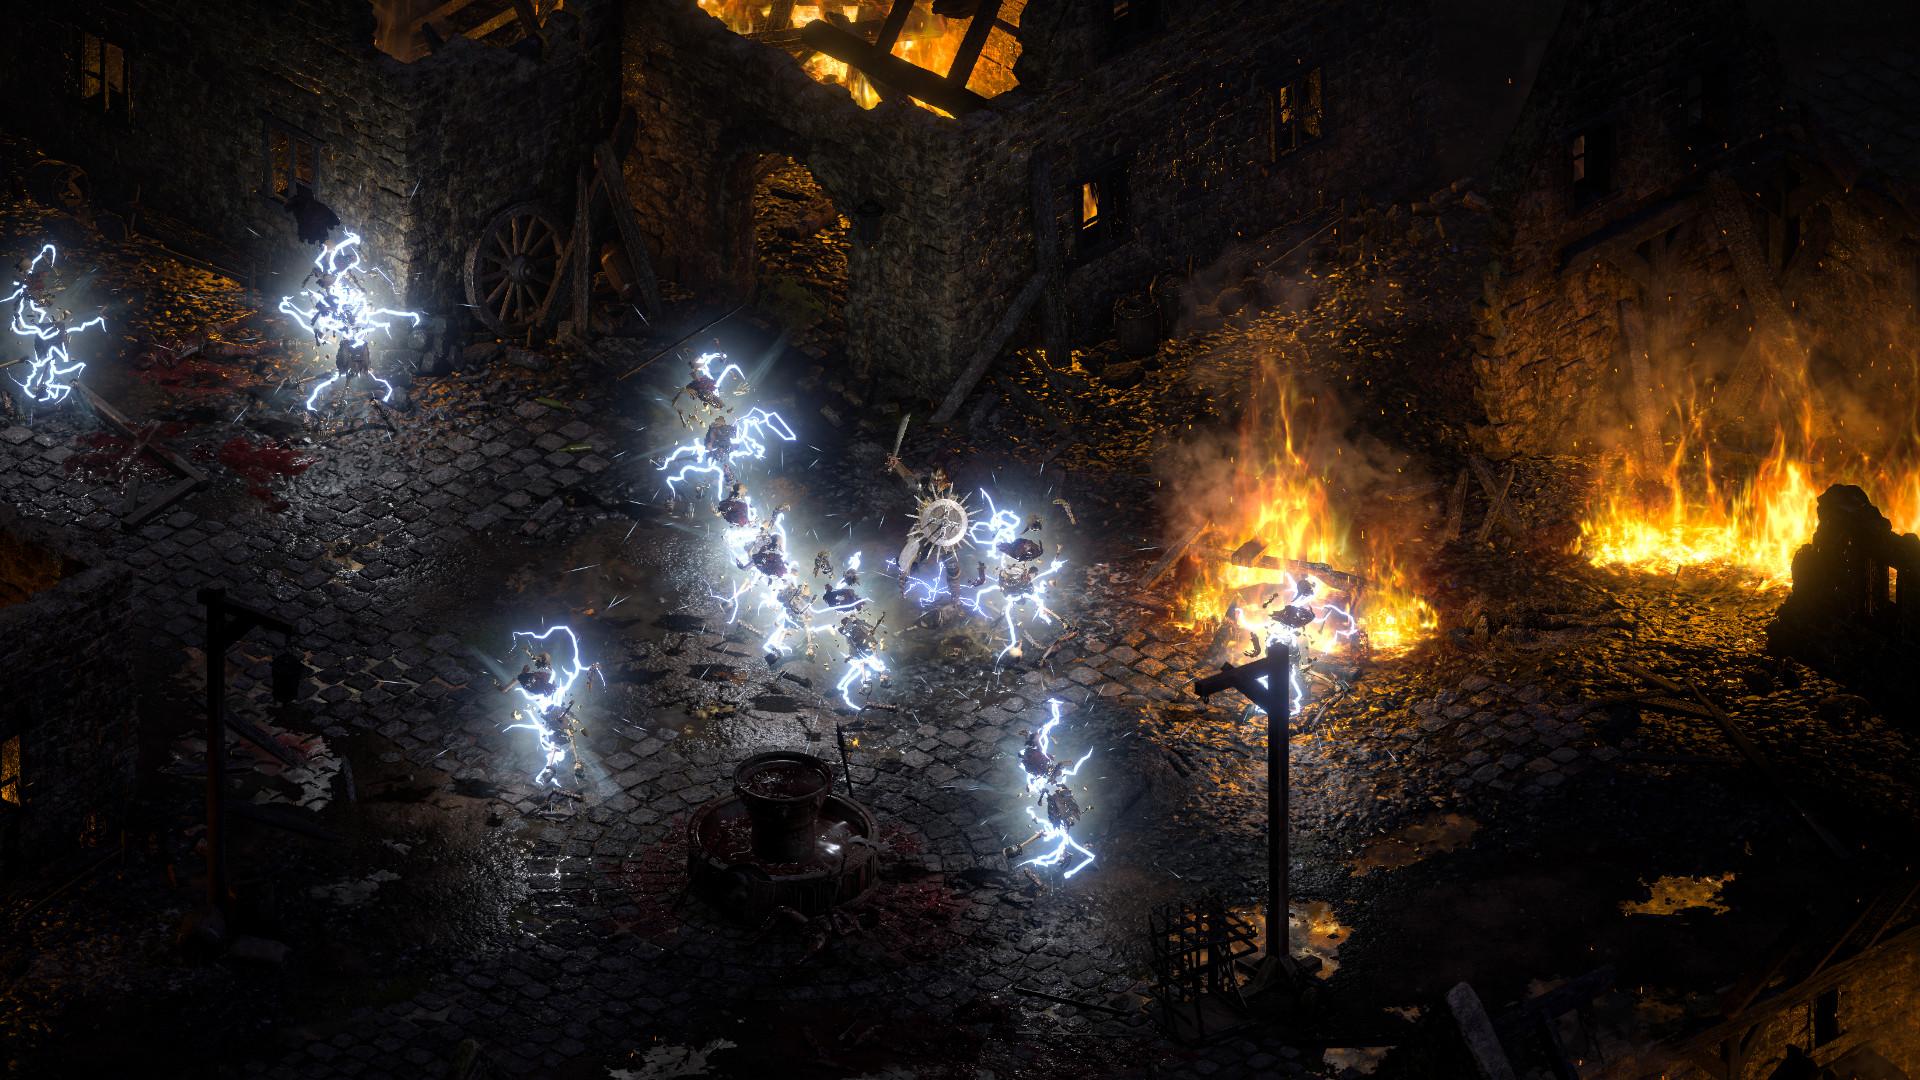 The Diablo 2: Resurrected open beta starts in August